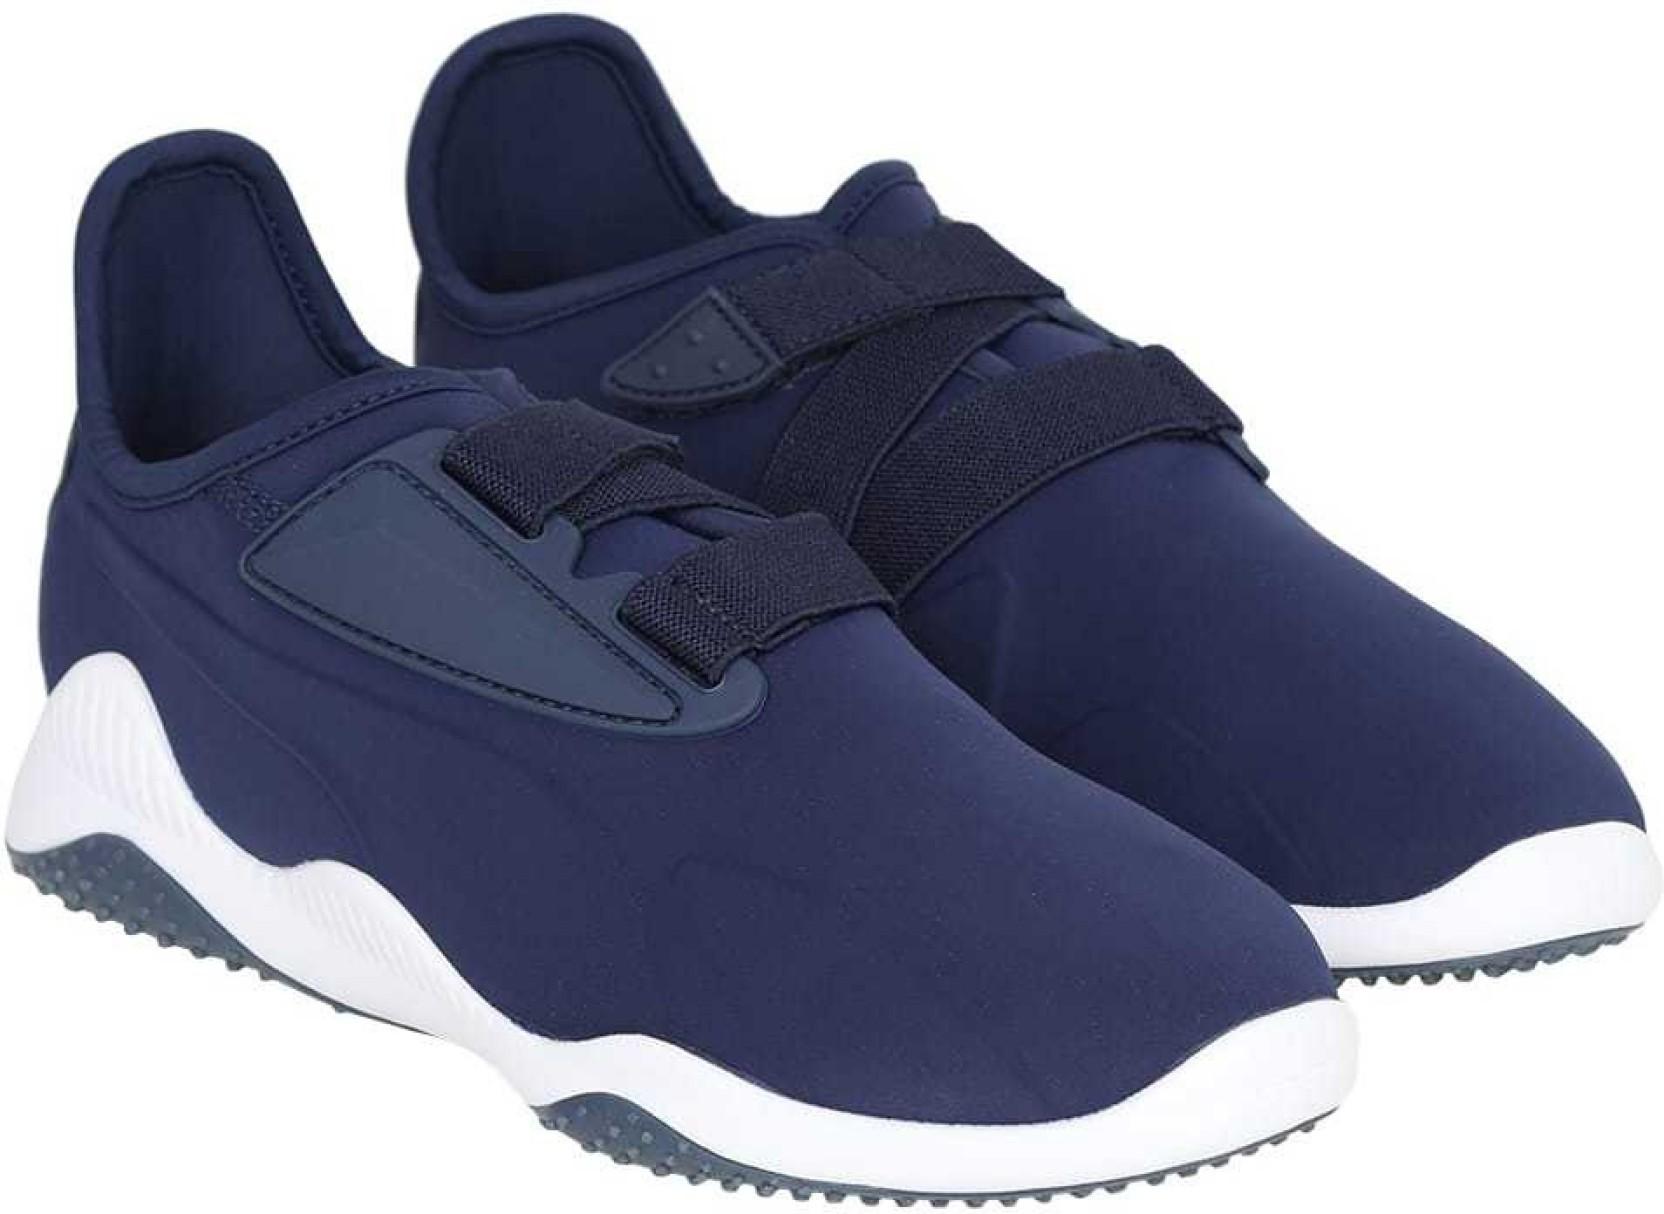 f3672e59675 Puma mostro core tex training shoes for men buy puma mostro jpg 1664x1214 Puma  mostro